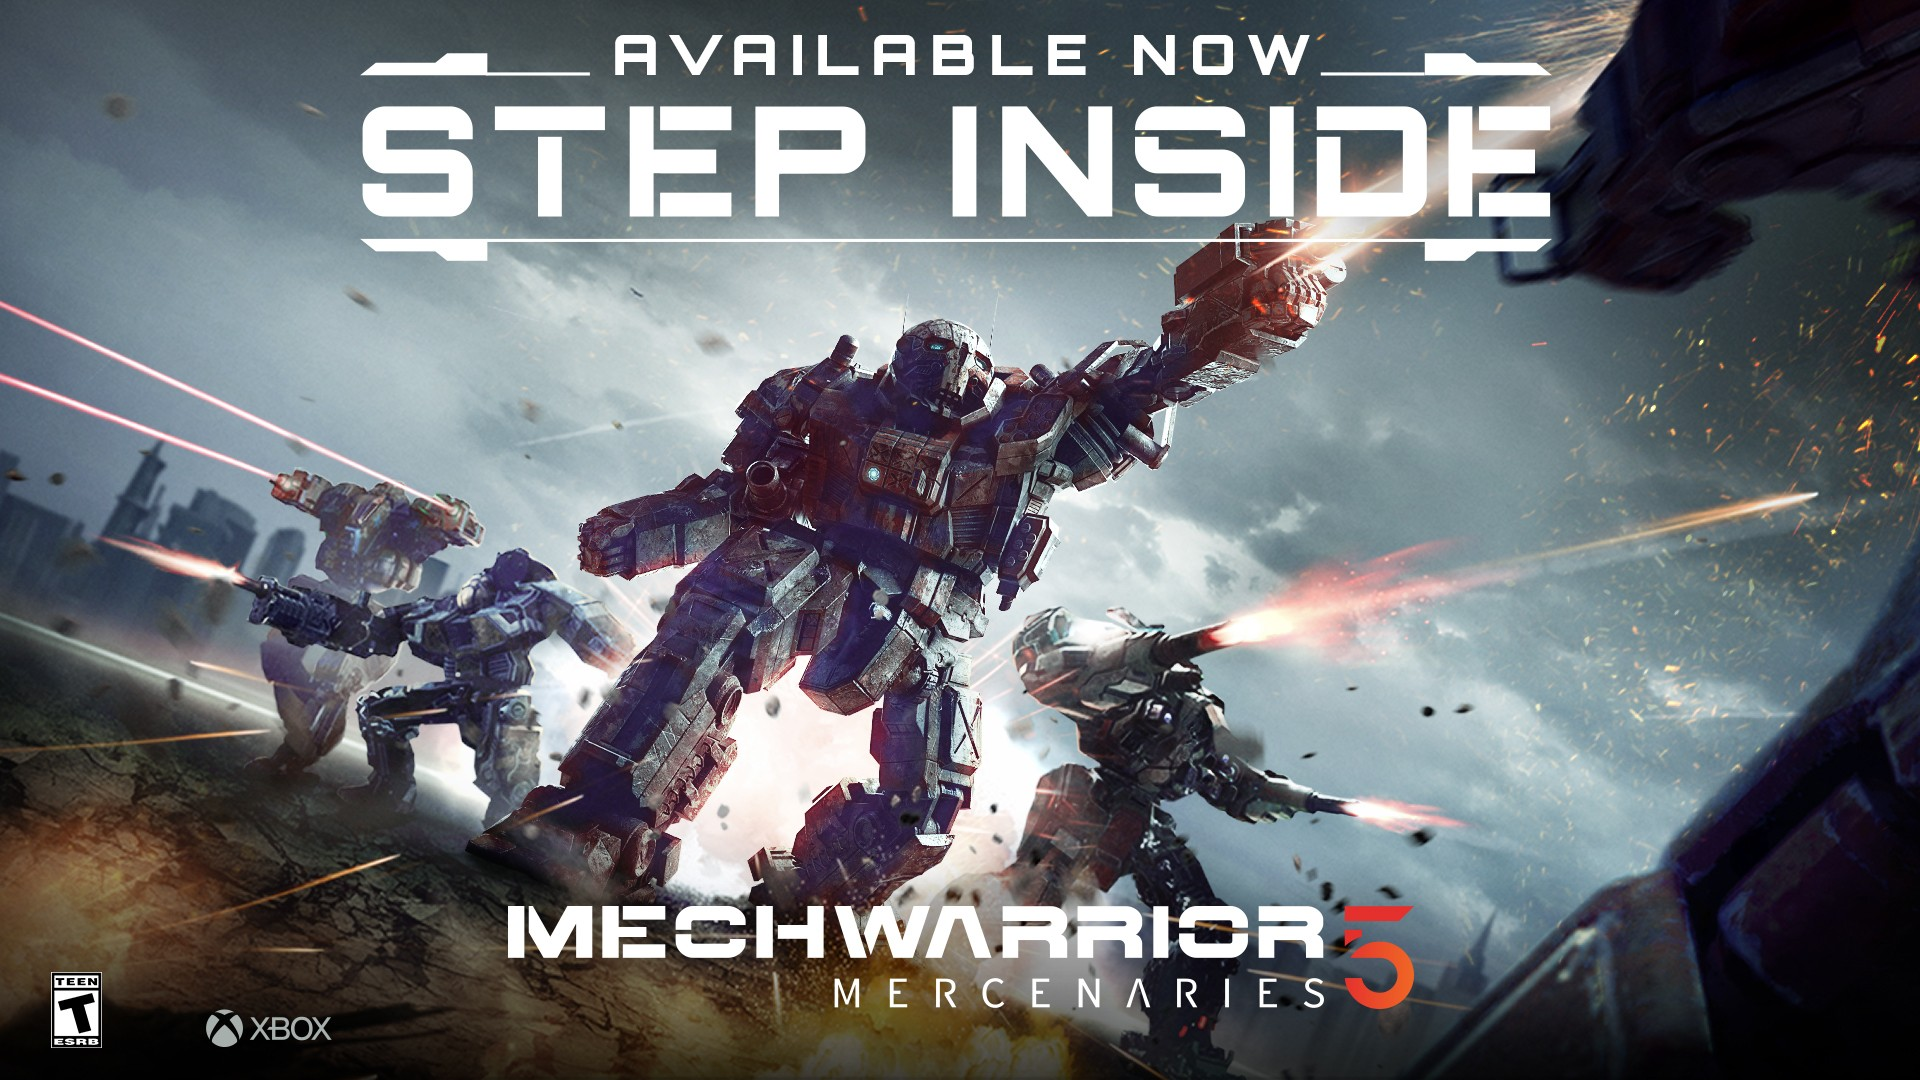 MechWarrior 5: Mercenaries - Heroes of the Inner Sphere